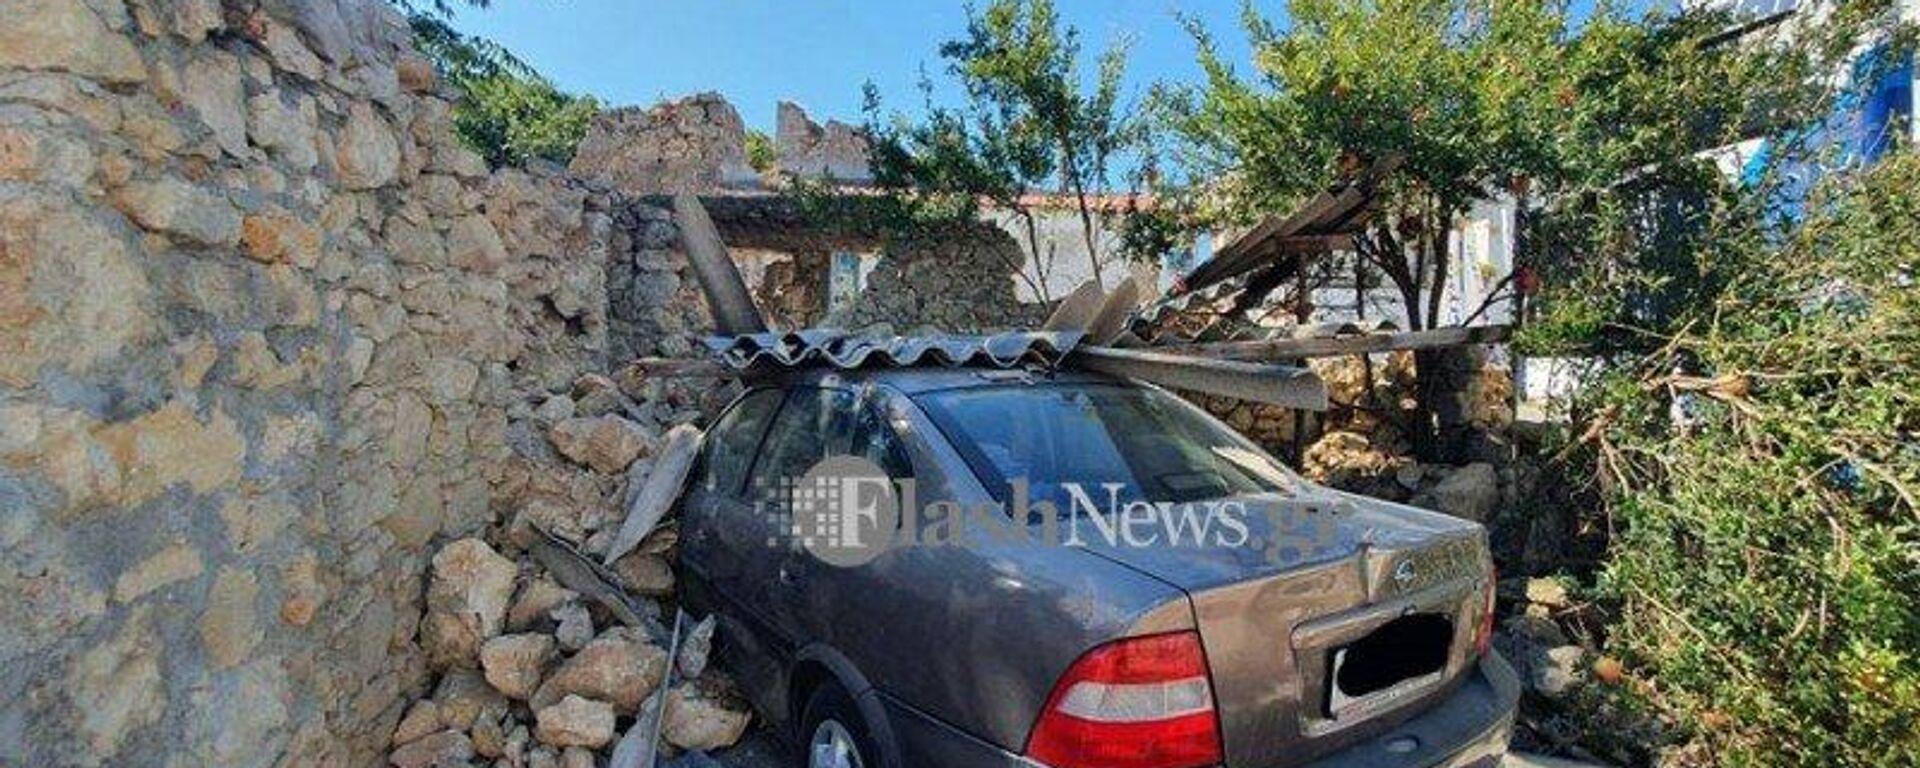 Ισχυρός σεισμός στην Κρήτη: Μεγάλες οι καταστροφές στο Αρκαλοχώρι - Sputnik Ελλάδα, 1920, 27.09.2021